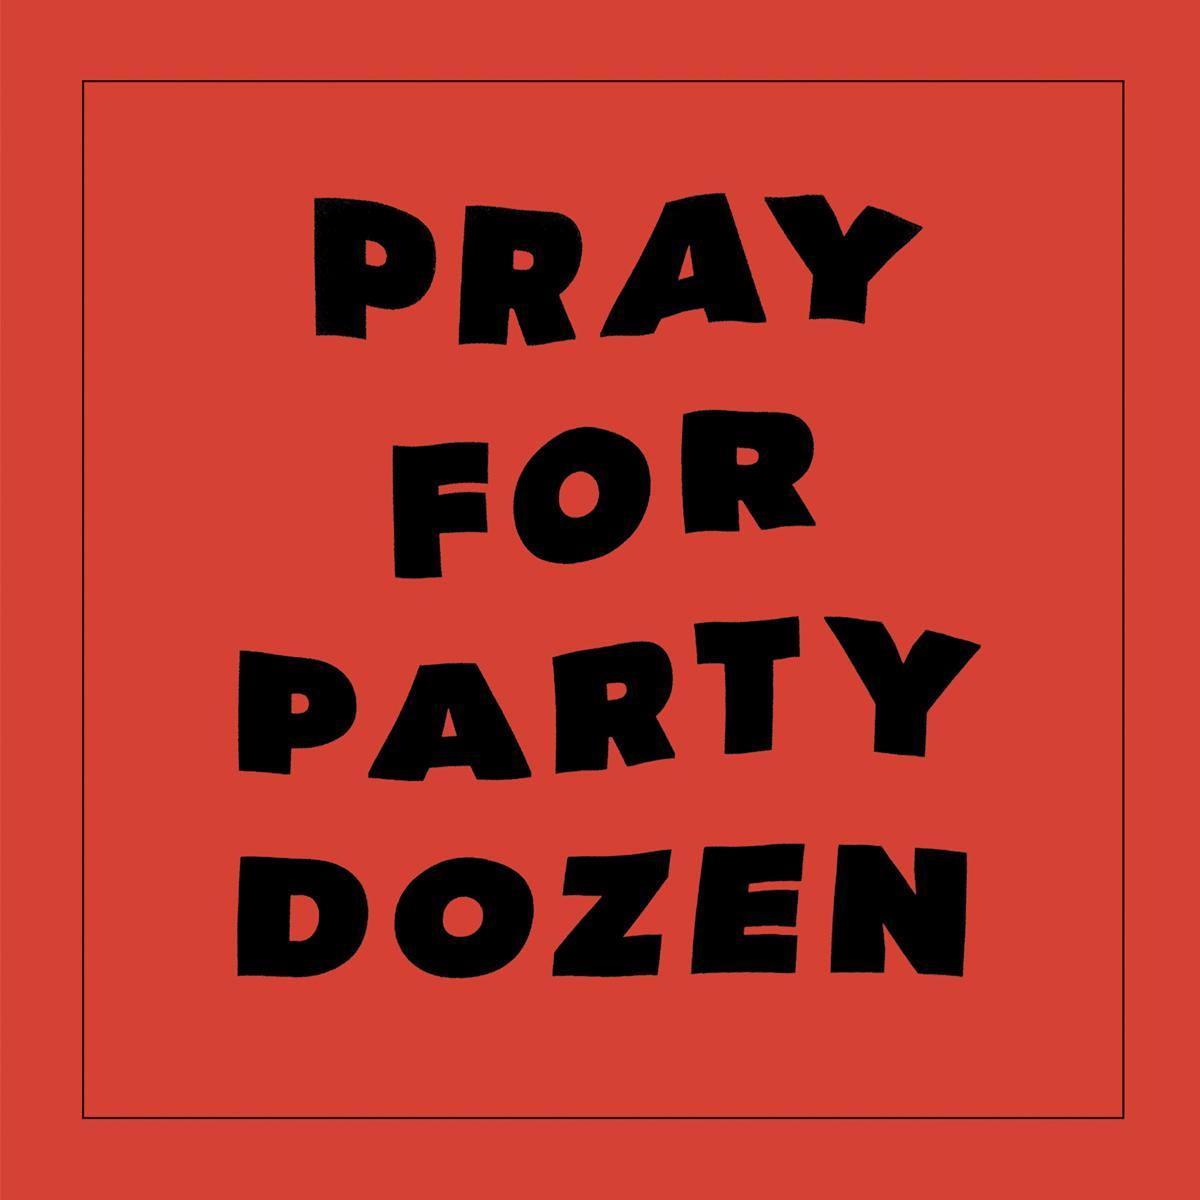 Party Dozen album art Pray for Party Dozen